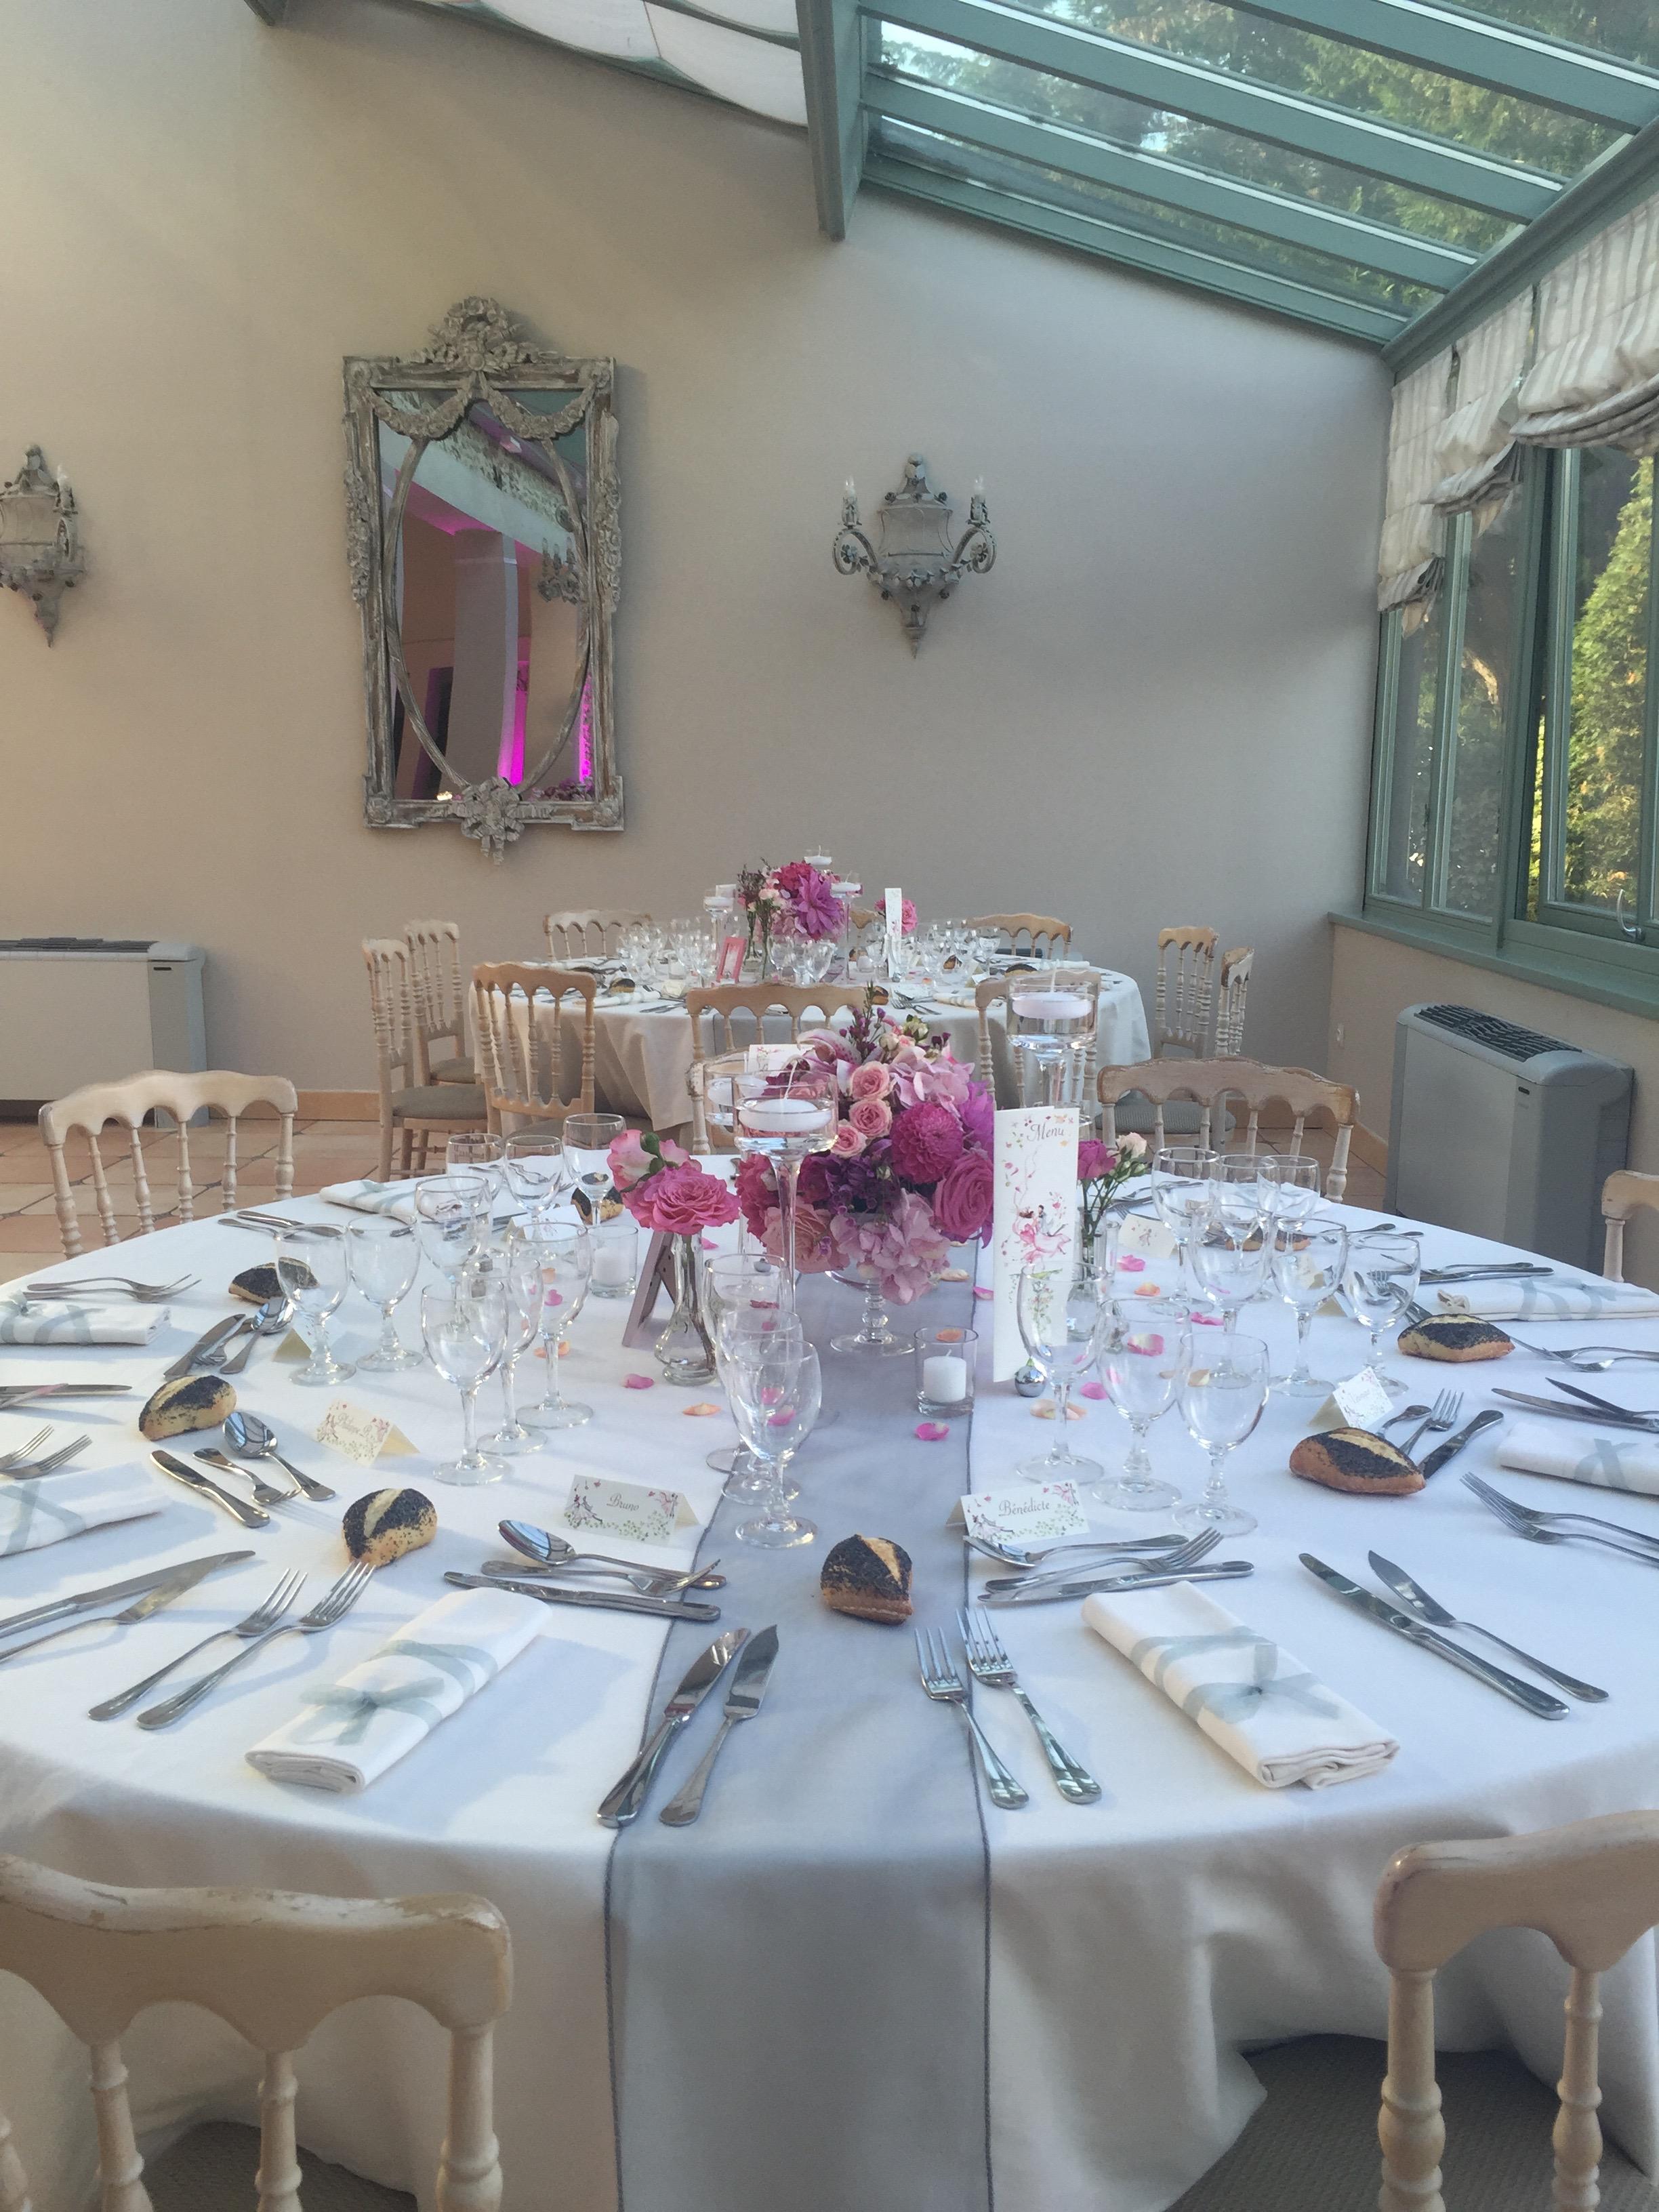 Des jolies tables pour les enfants justine huette cr atrice de jolis moments - Deco table enfant mariage ...